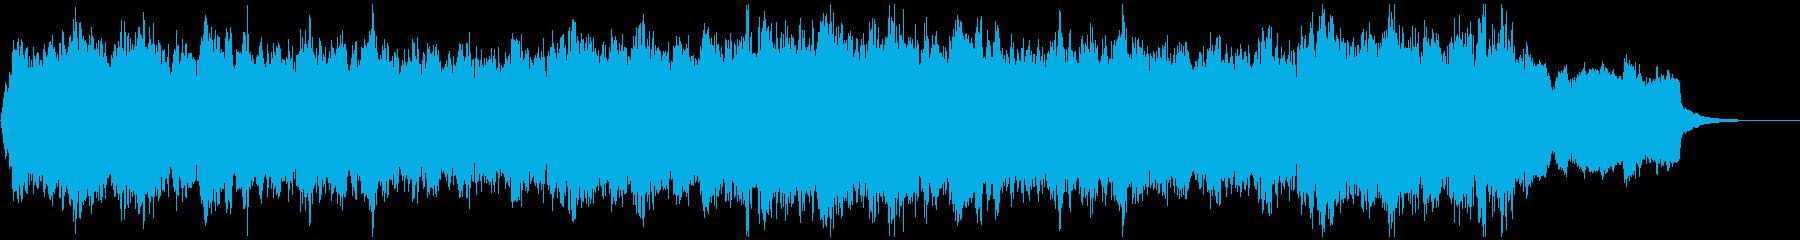 ド定番Xmasキャロルのコーラスアレンジの再生済みの波形